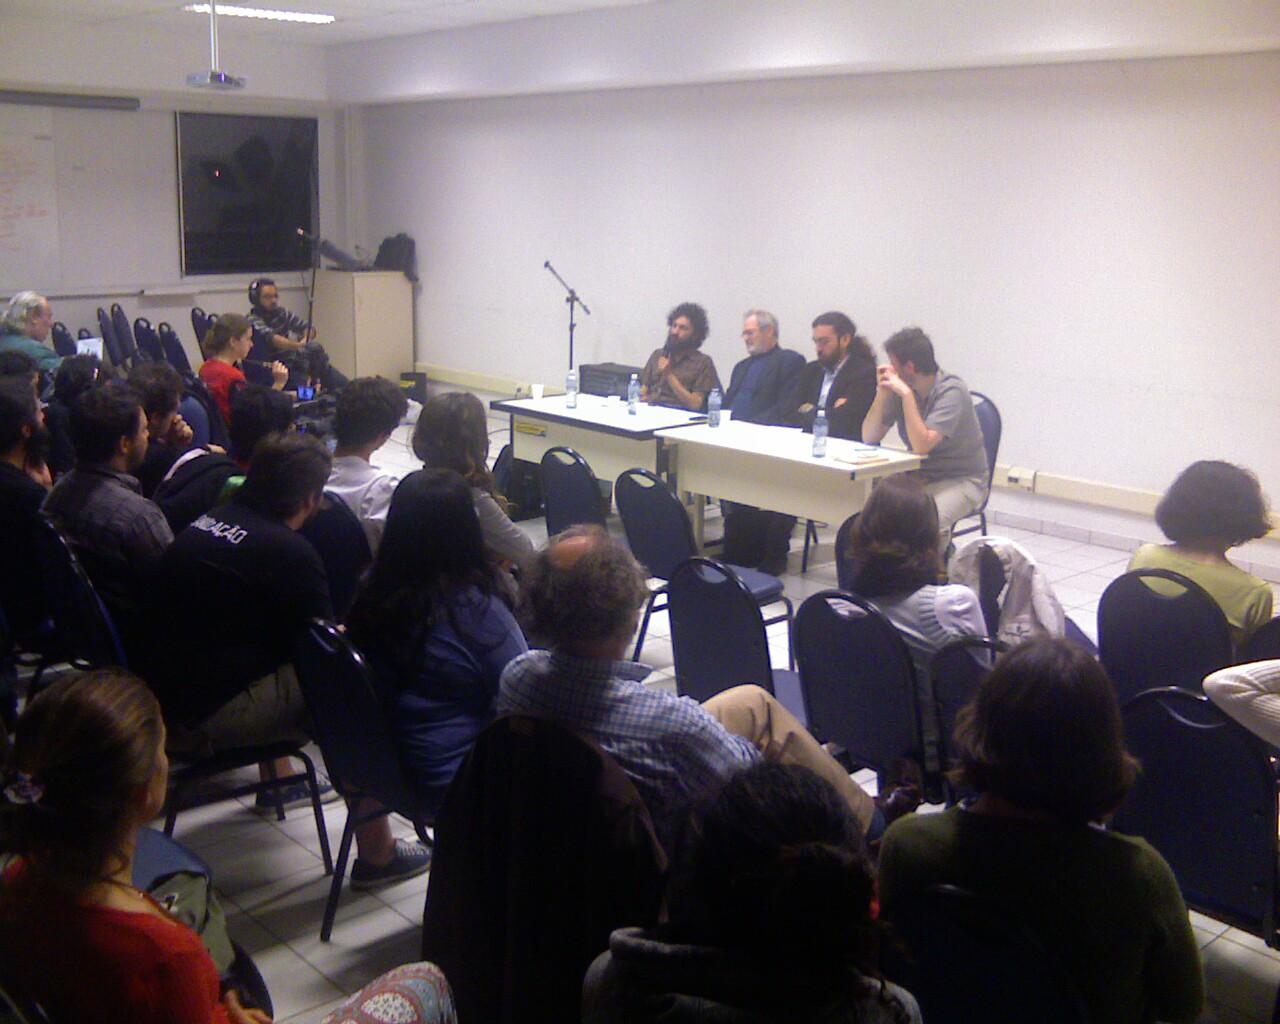 #Ufsctock #AOVIVO com @PradoClaudio @alfredomanevy e @atilioalencar